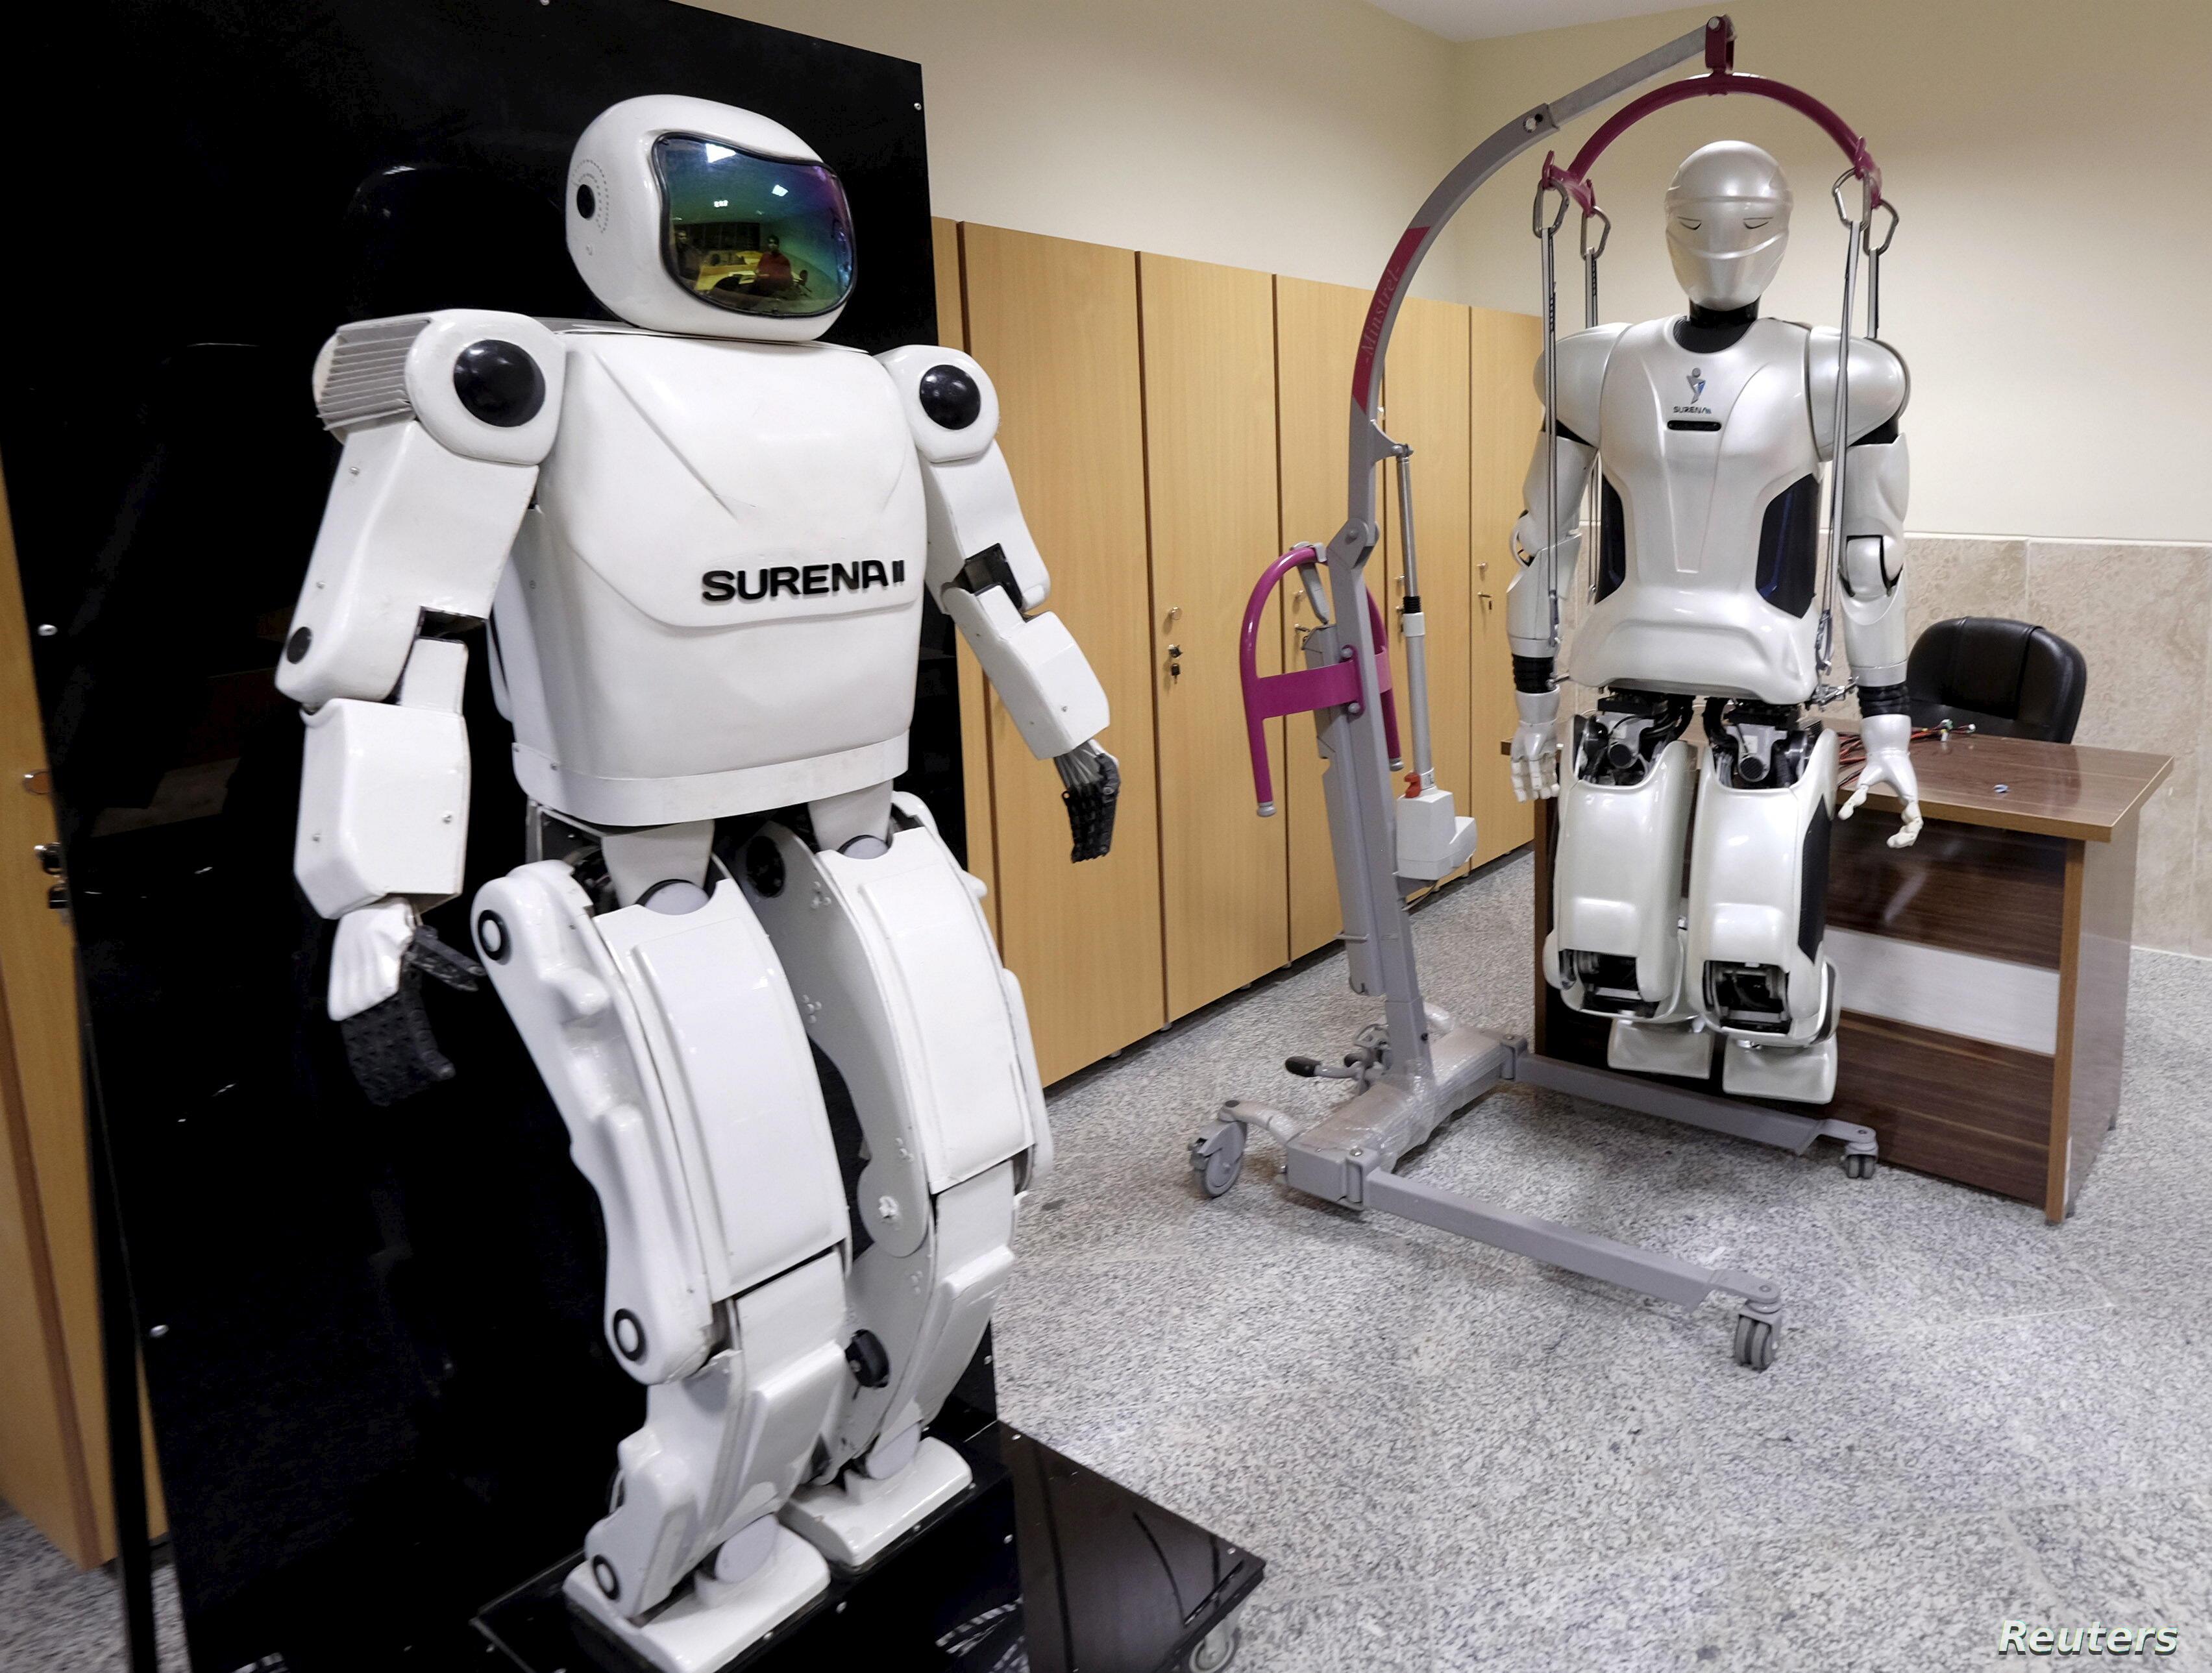 ربات ایرانی «سورنا» در جمع ۱۰ ربات برتر دنیا